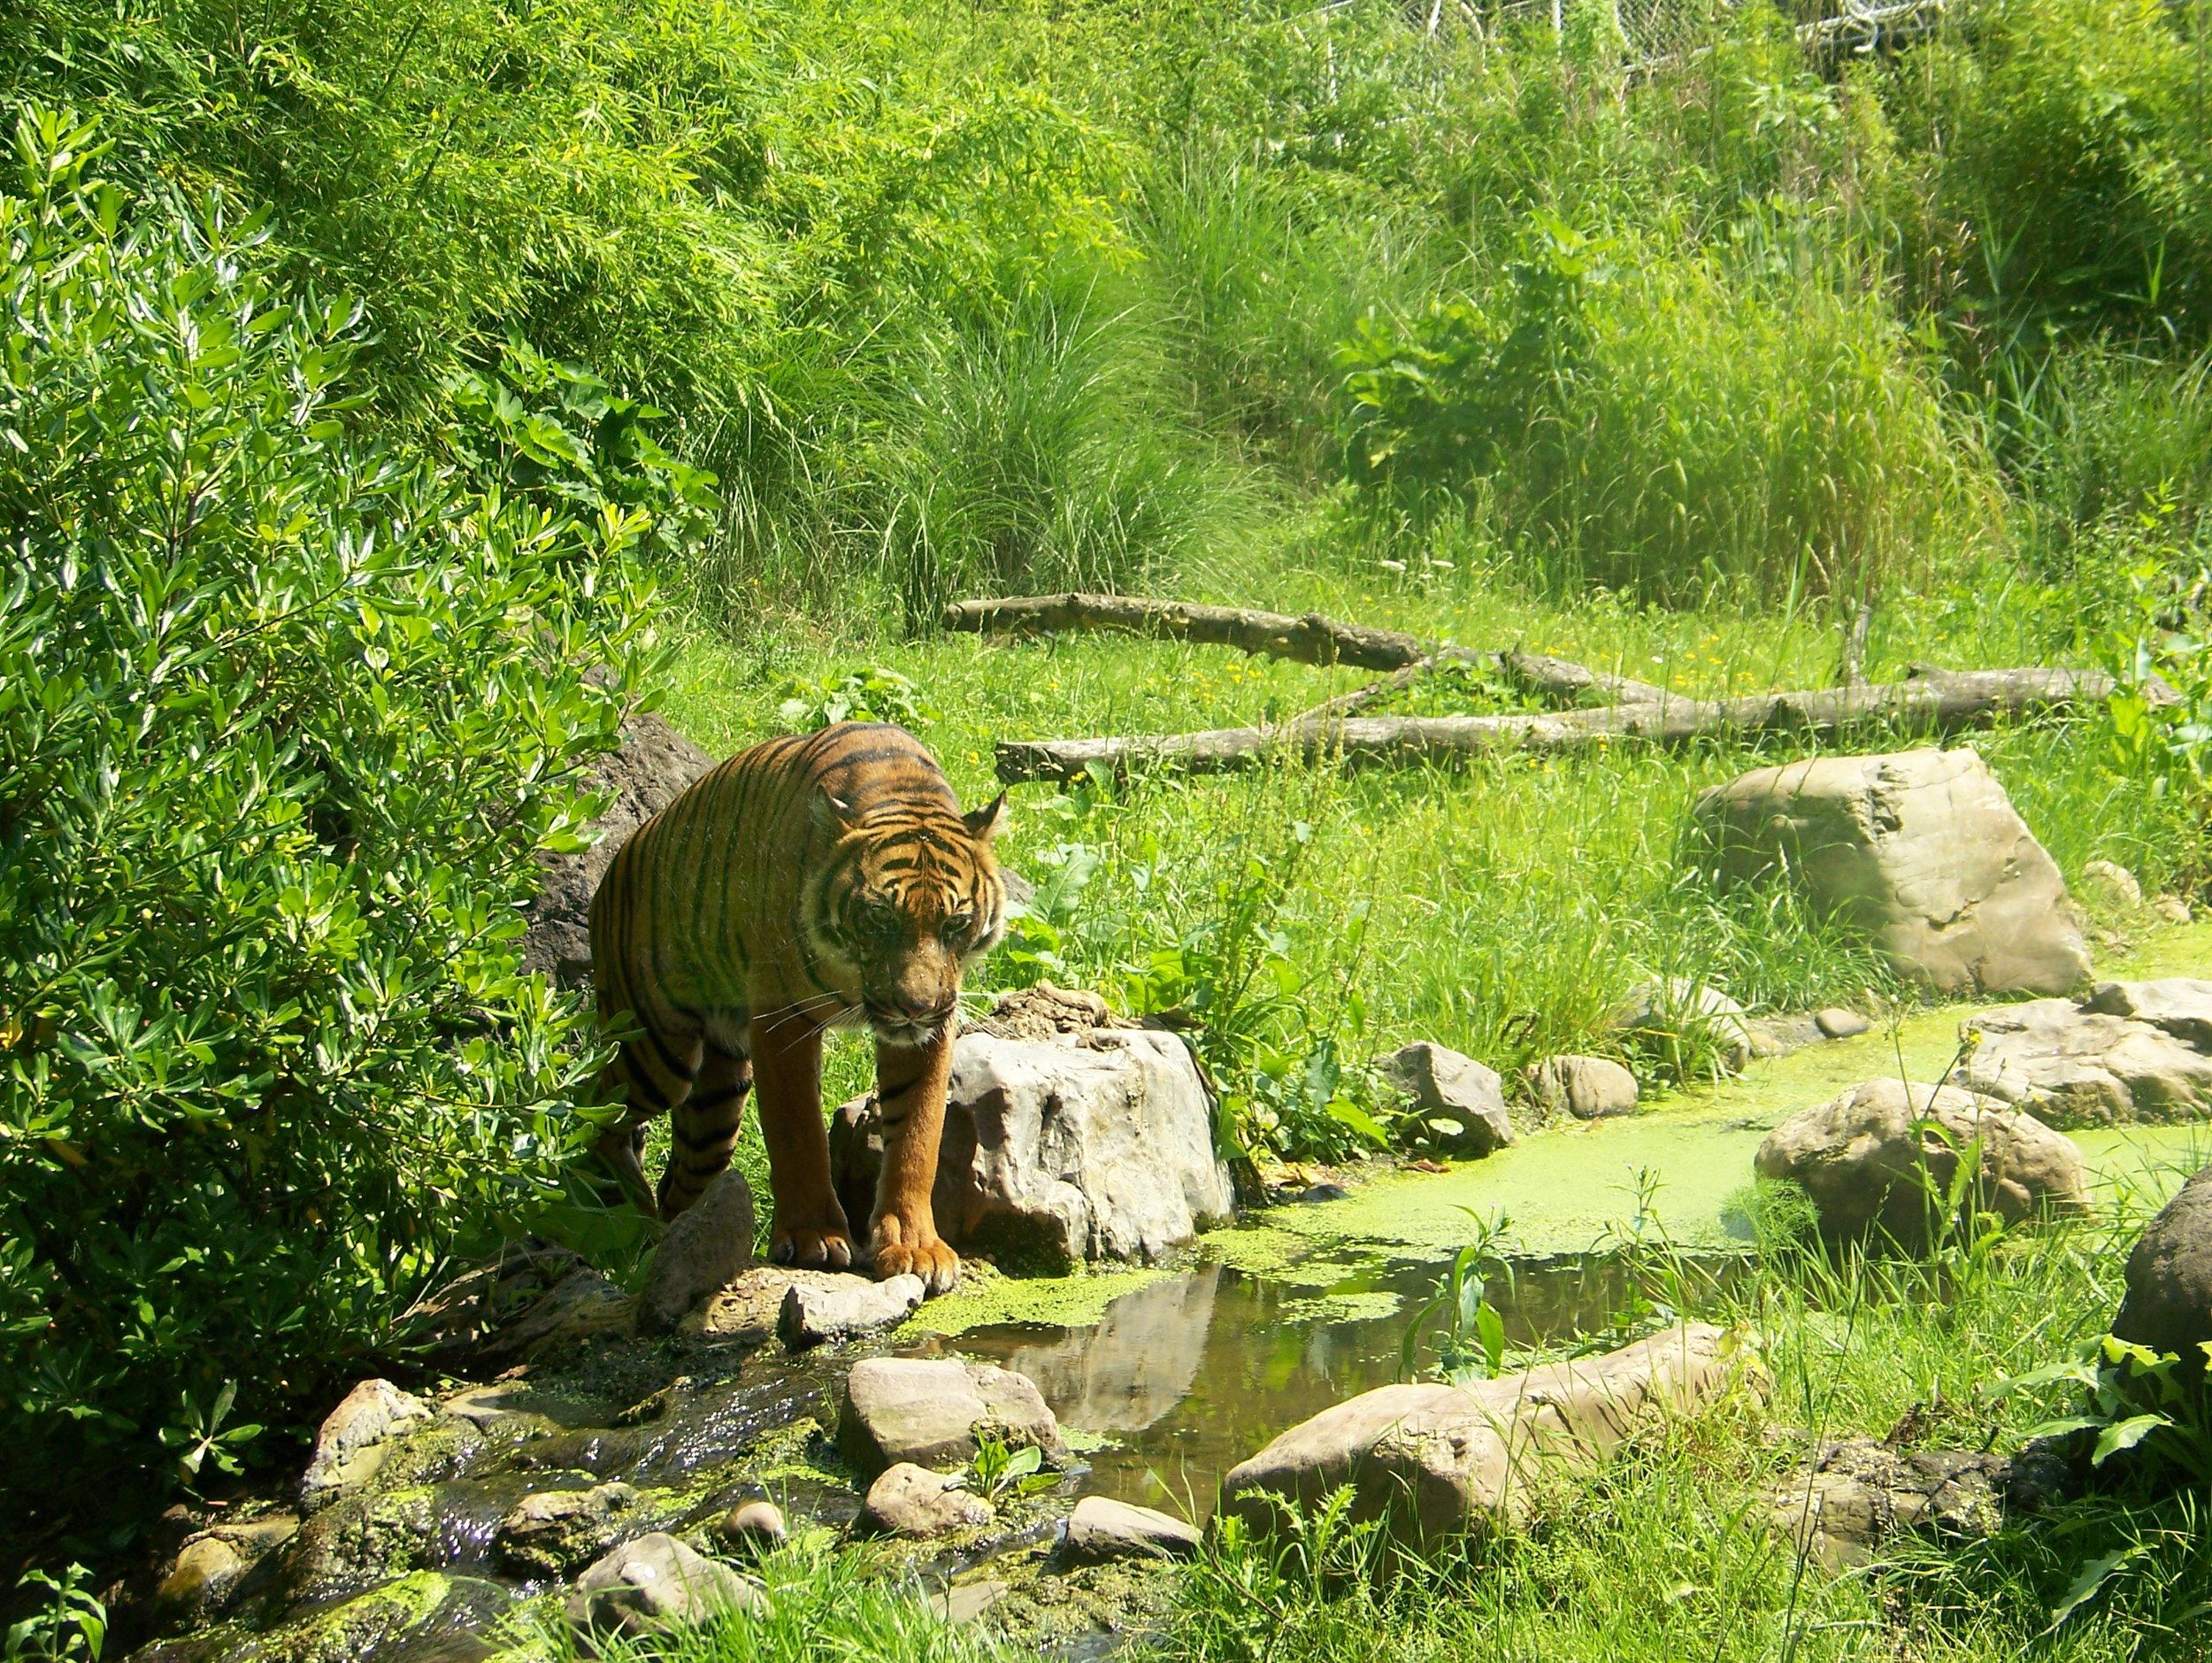 Panthera_tigris_sumatrae2.jpg